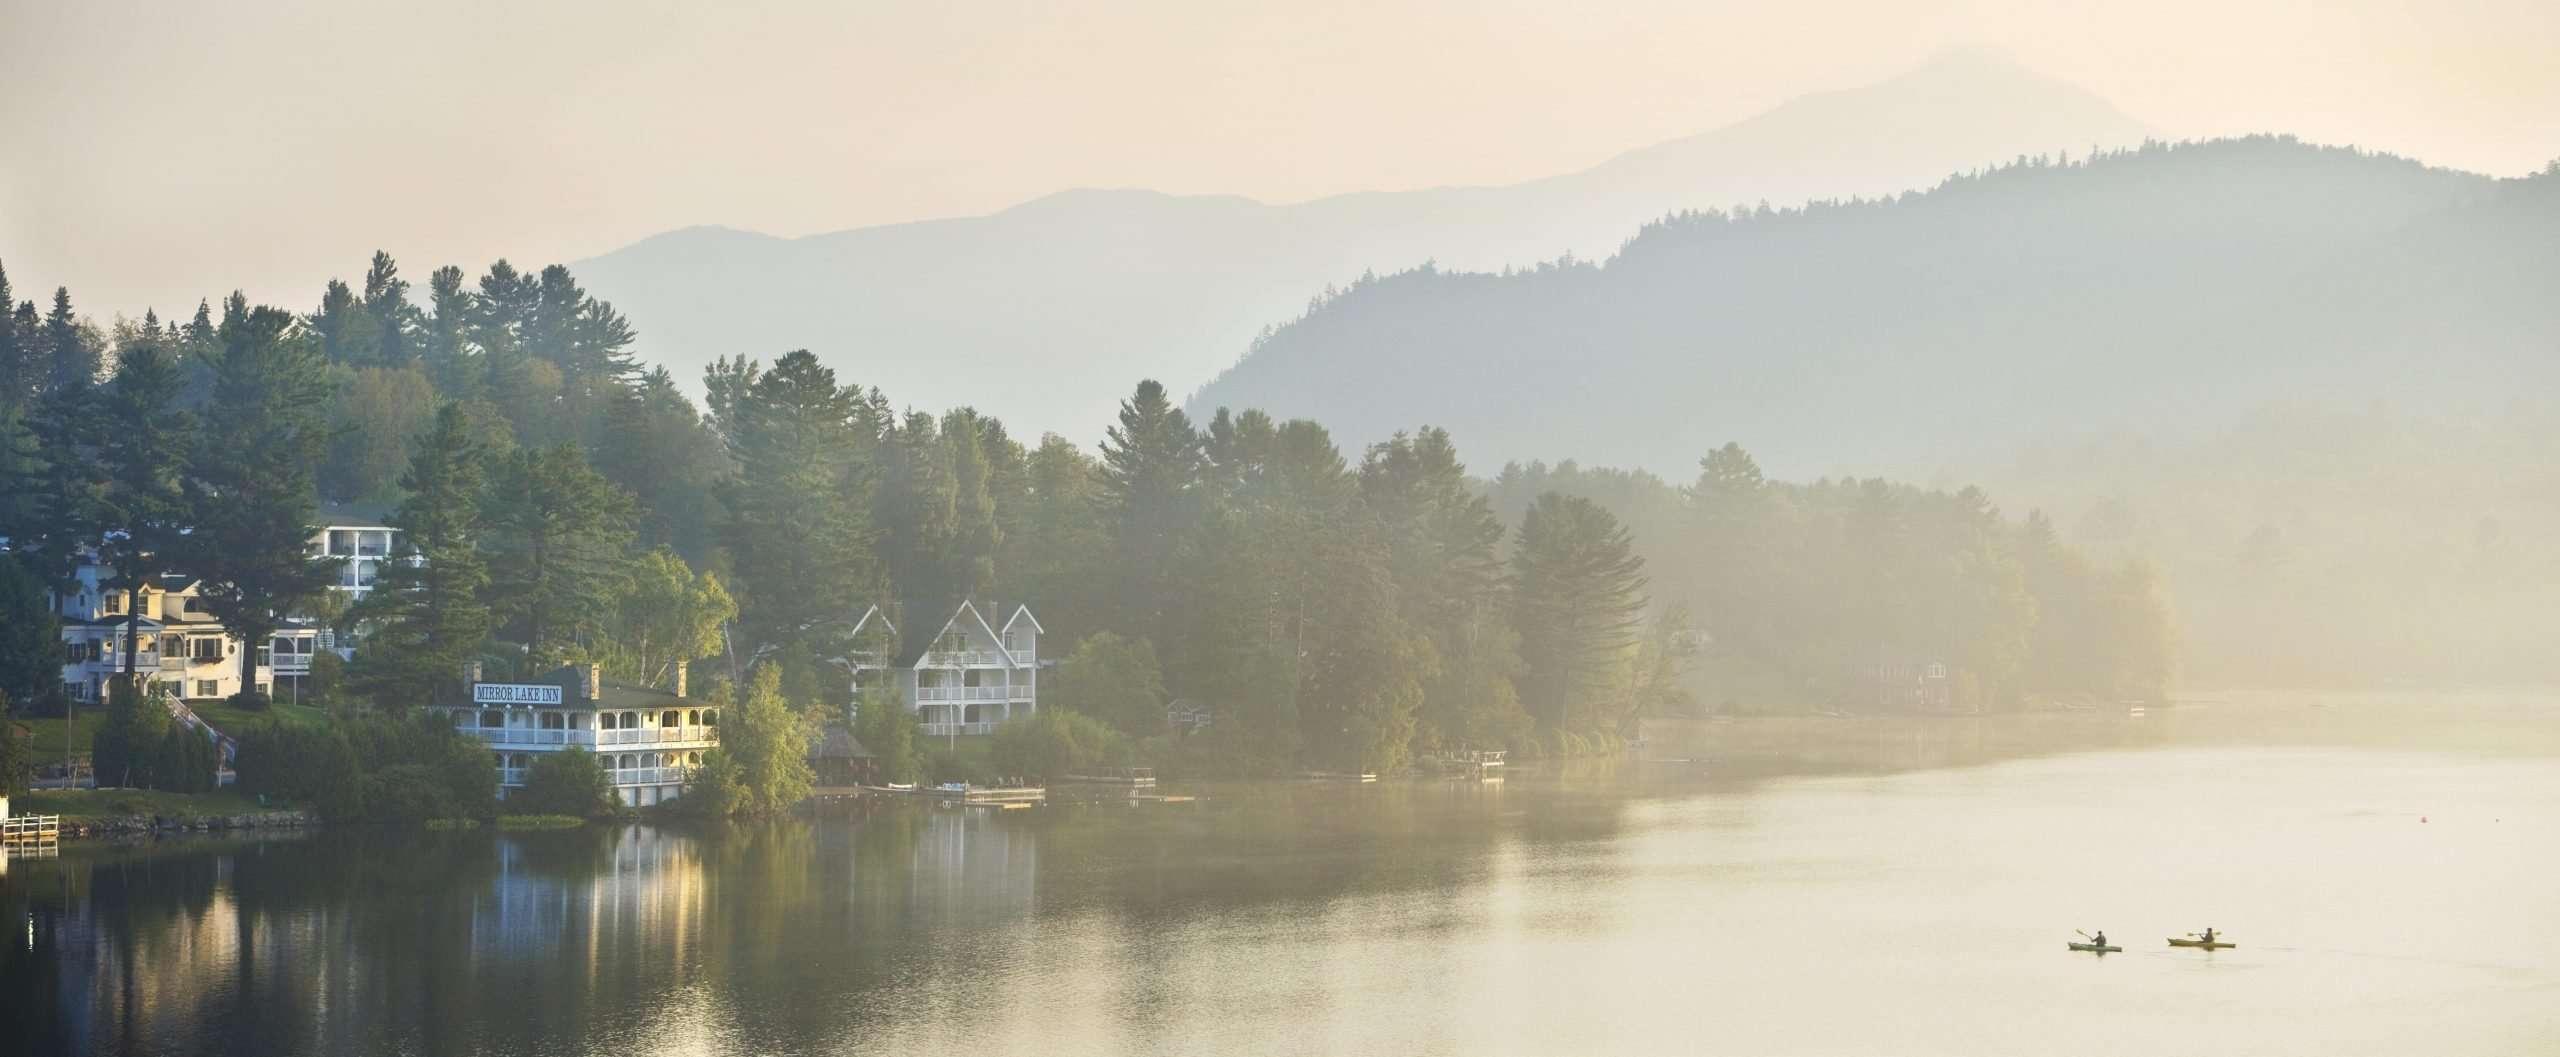 Hotel, kayaks on the lake